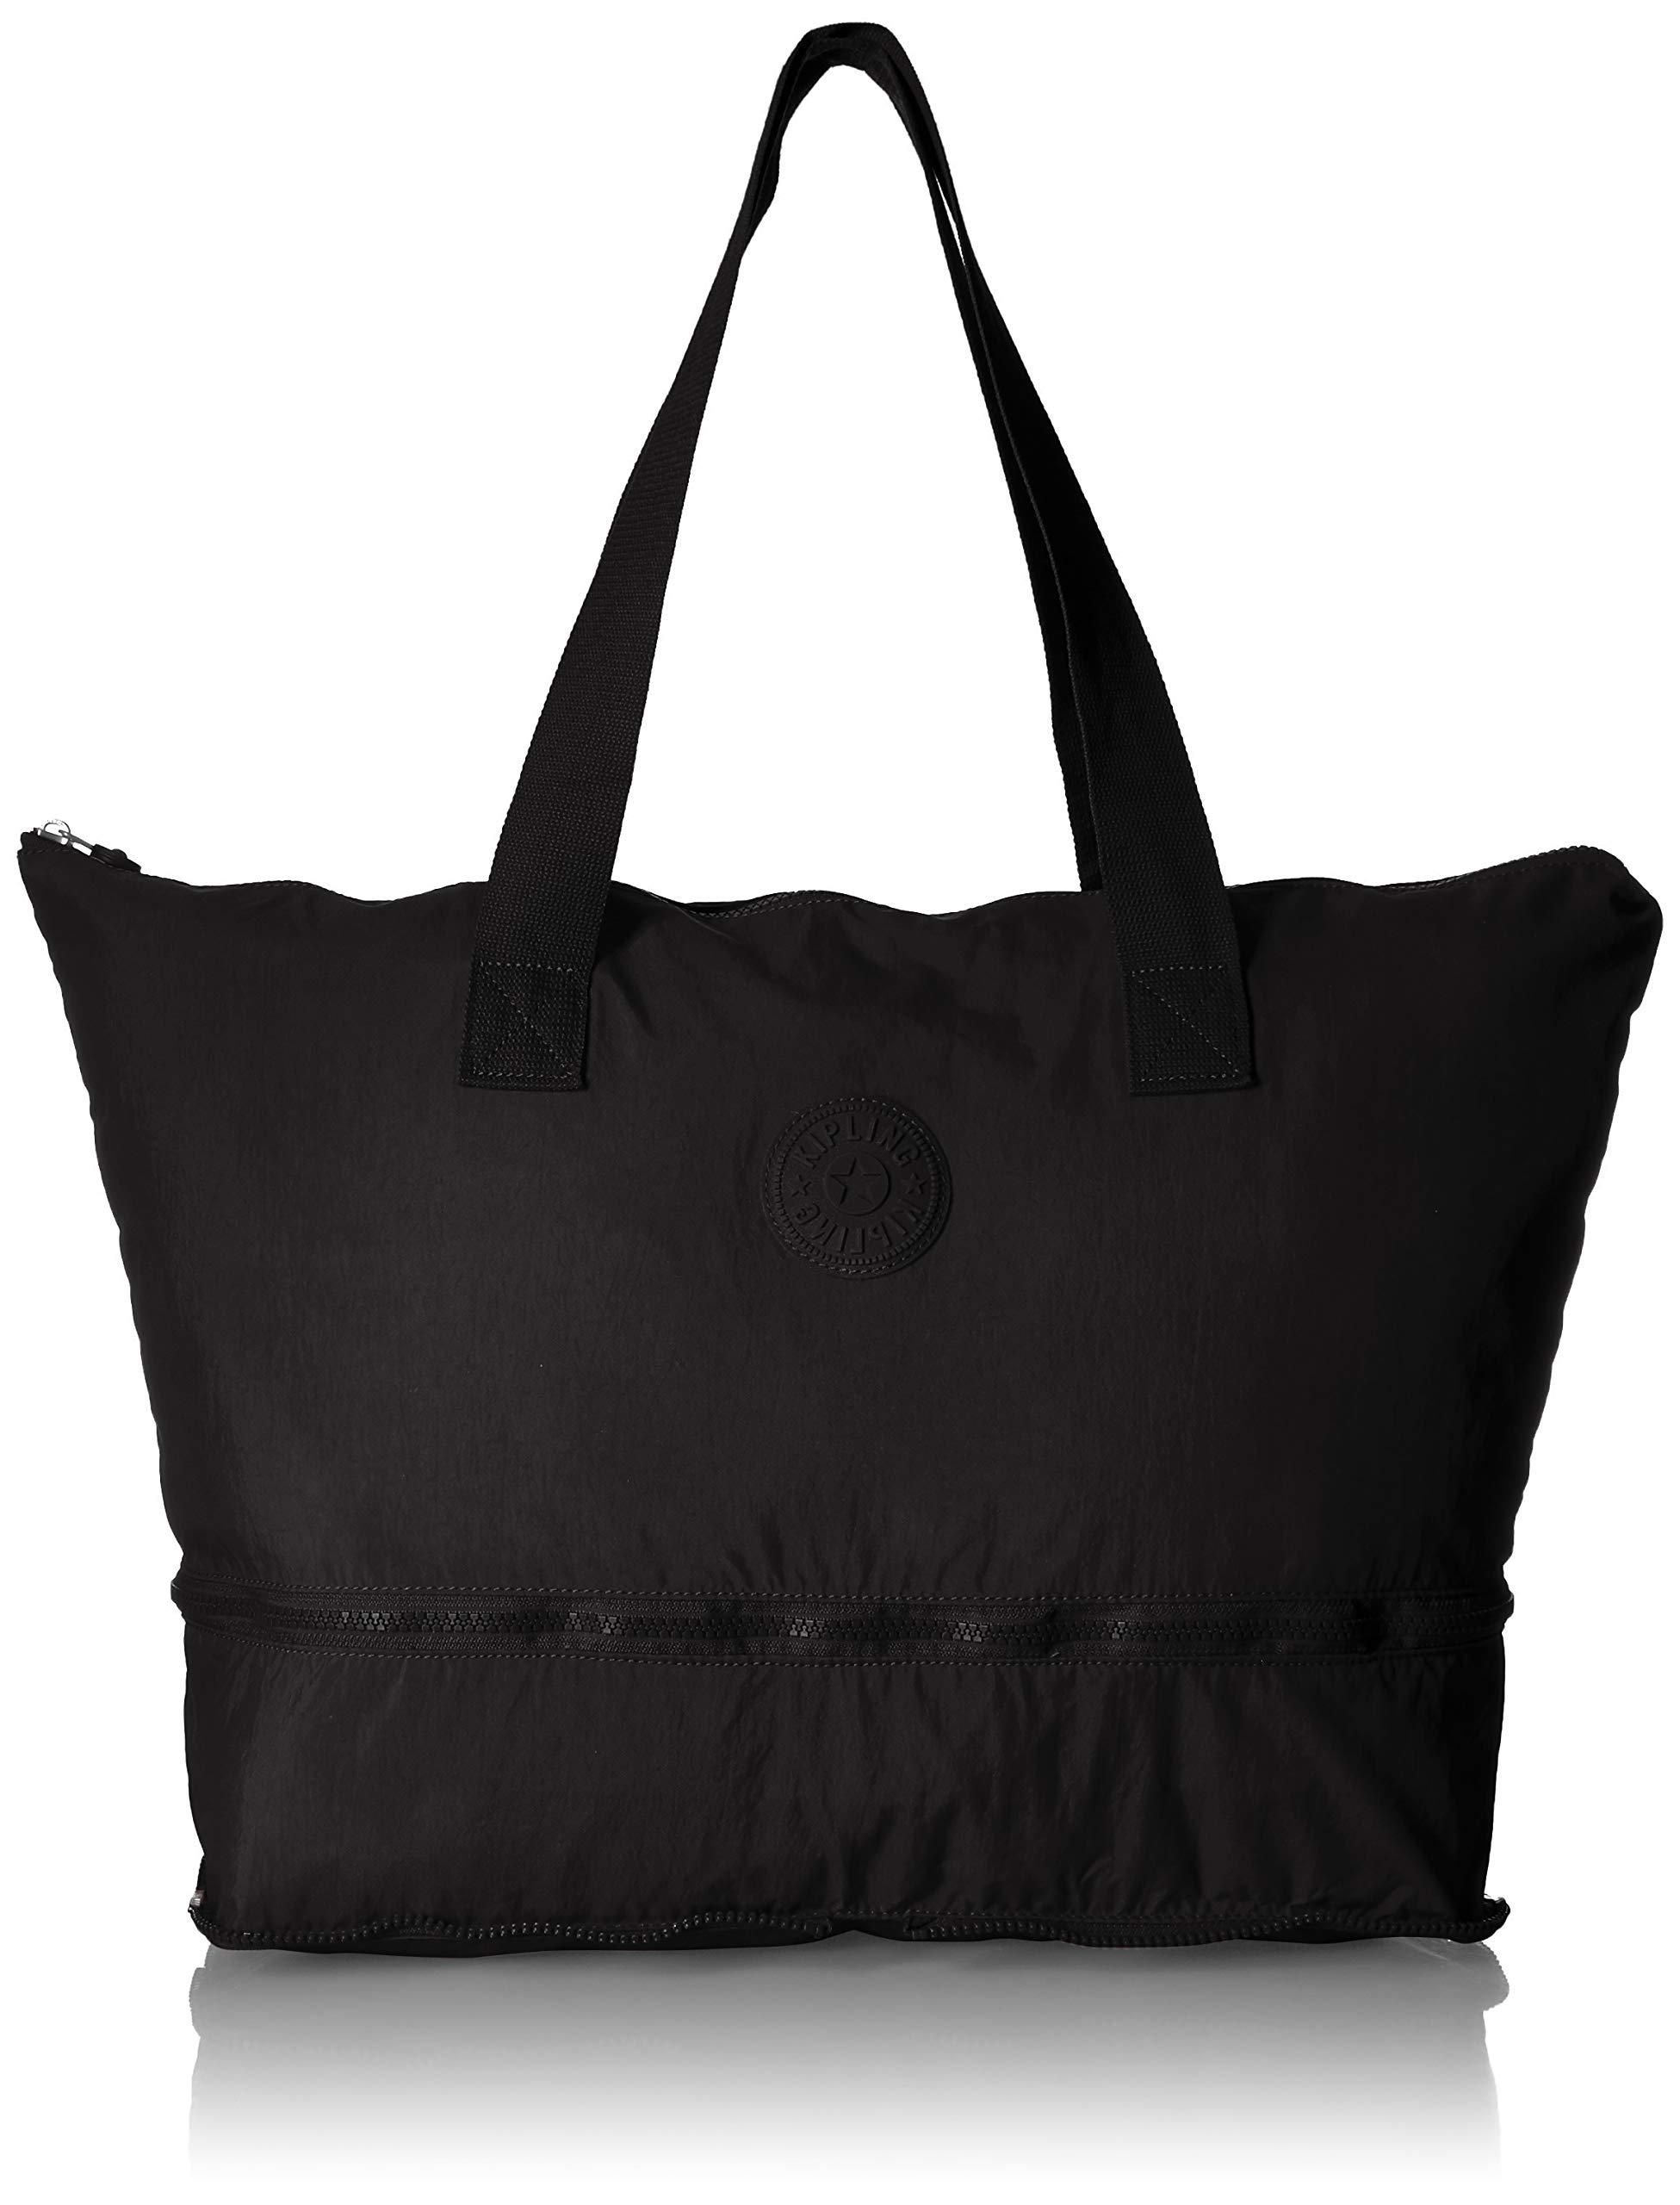 Kipling Imagine Foldable Tote, Packable Travel Bag, Zip Closure, black pack